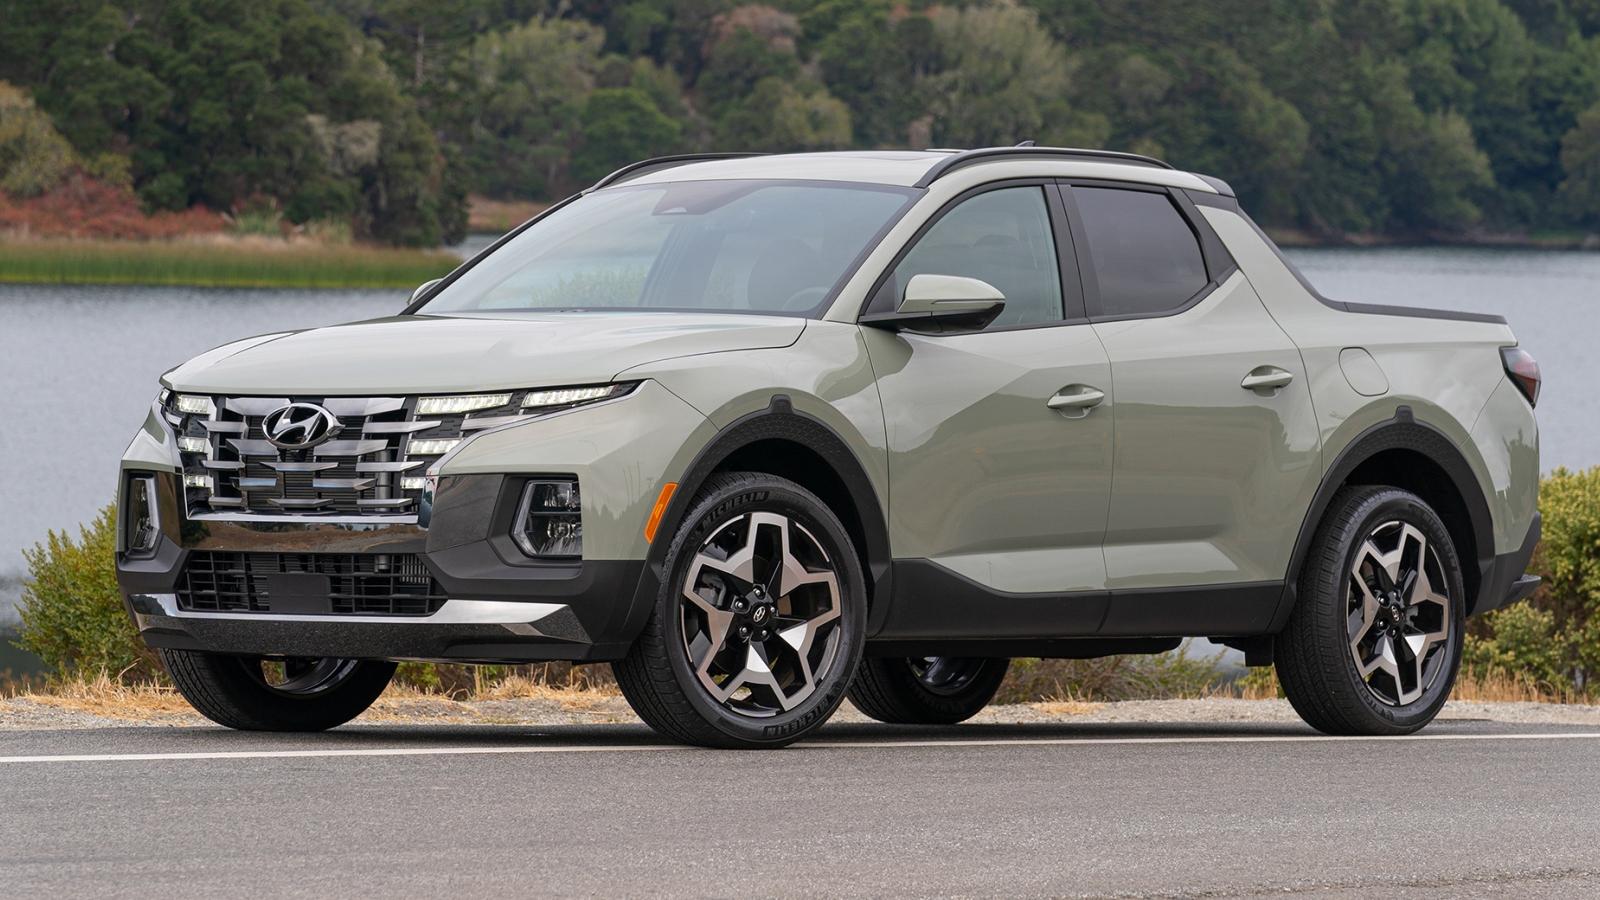 Xe bán tải của Hyundai trở thành mẫu xe bán nhanh nhất tại Mỹ